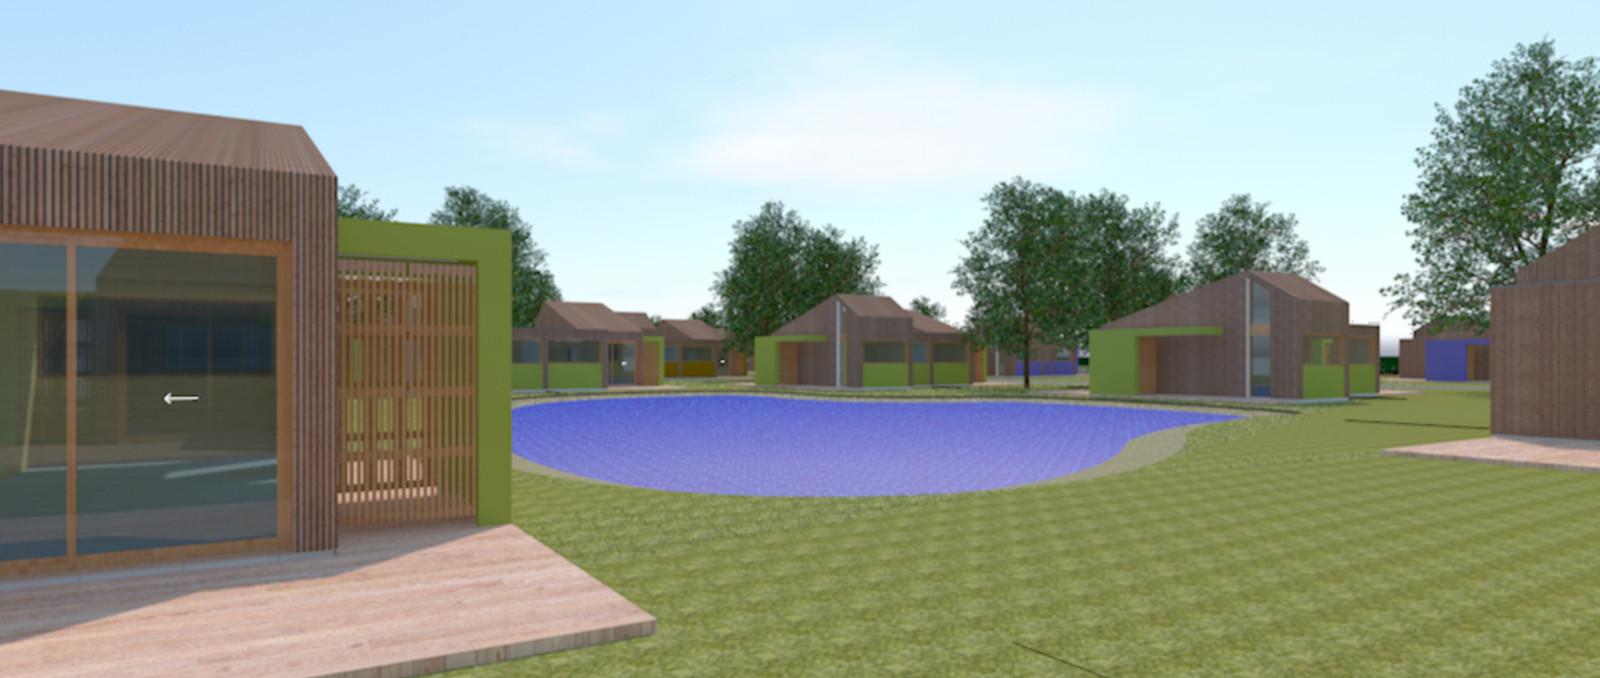 Een simulatie van het vakantiepark aan de Lunterbergstraat